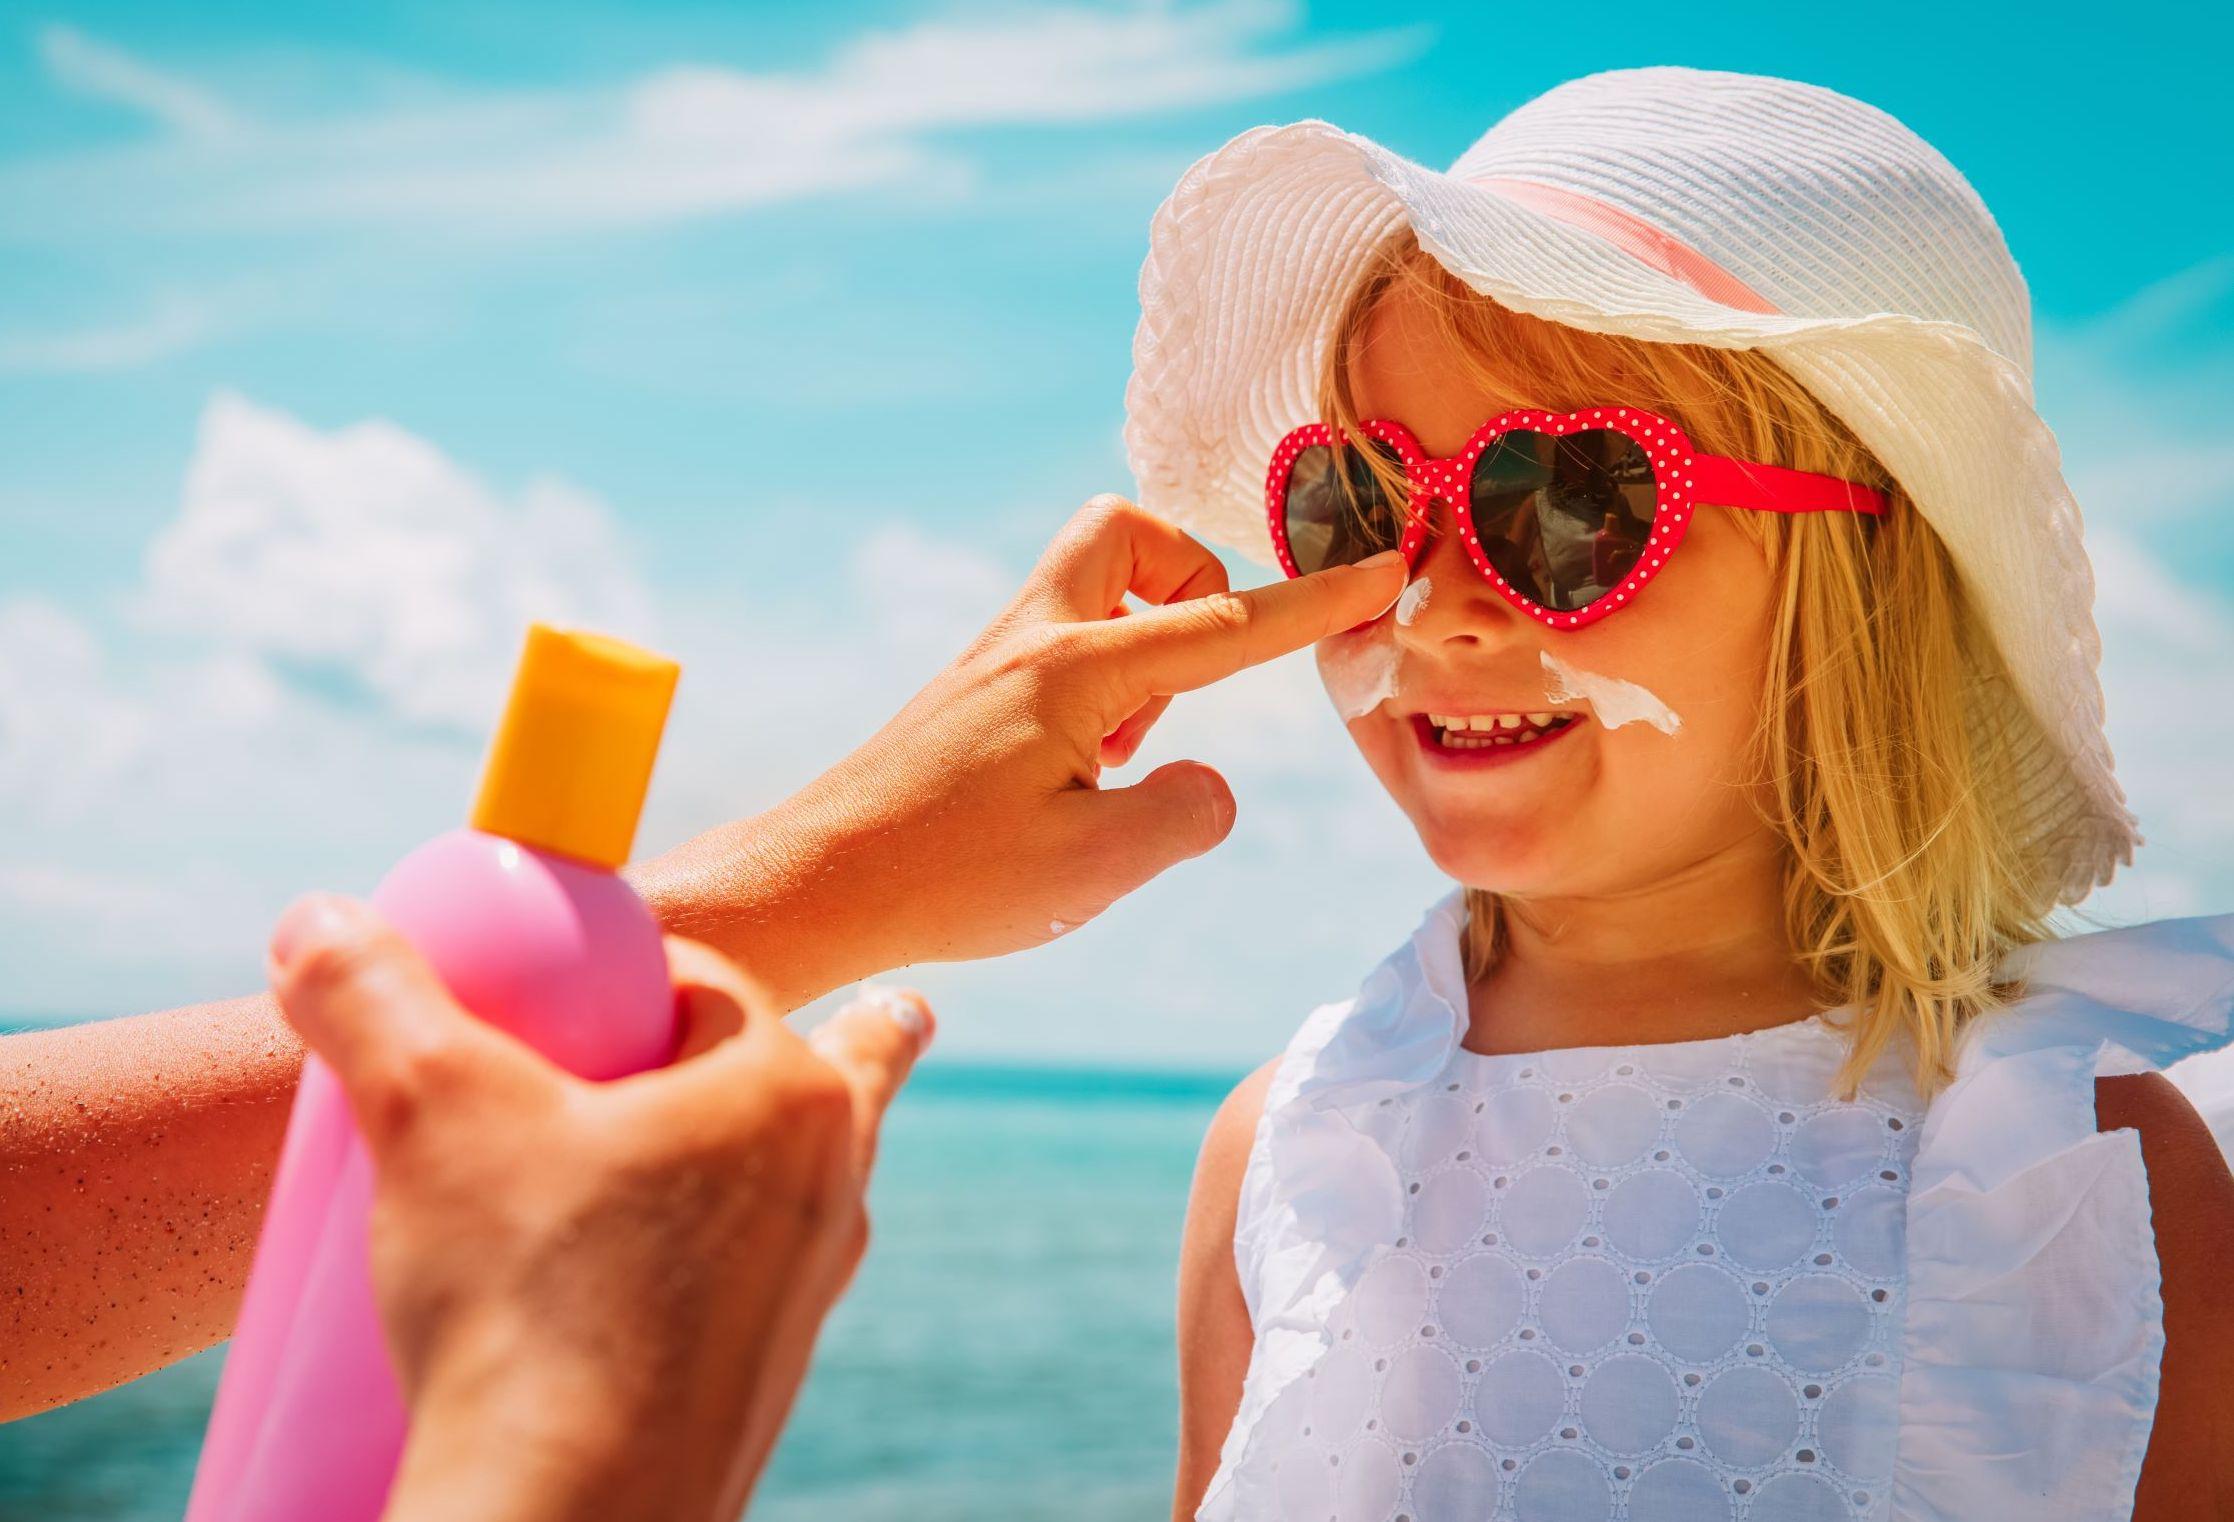 kem chống nắng bioderma dạng lotion